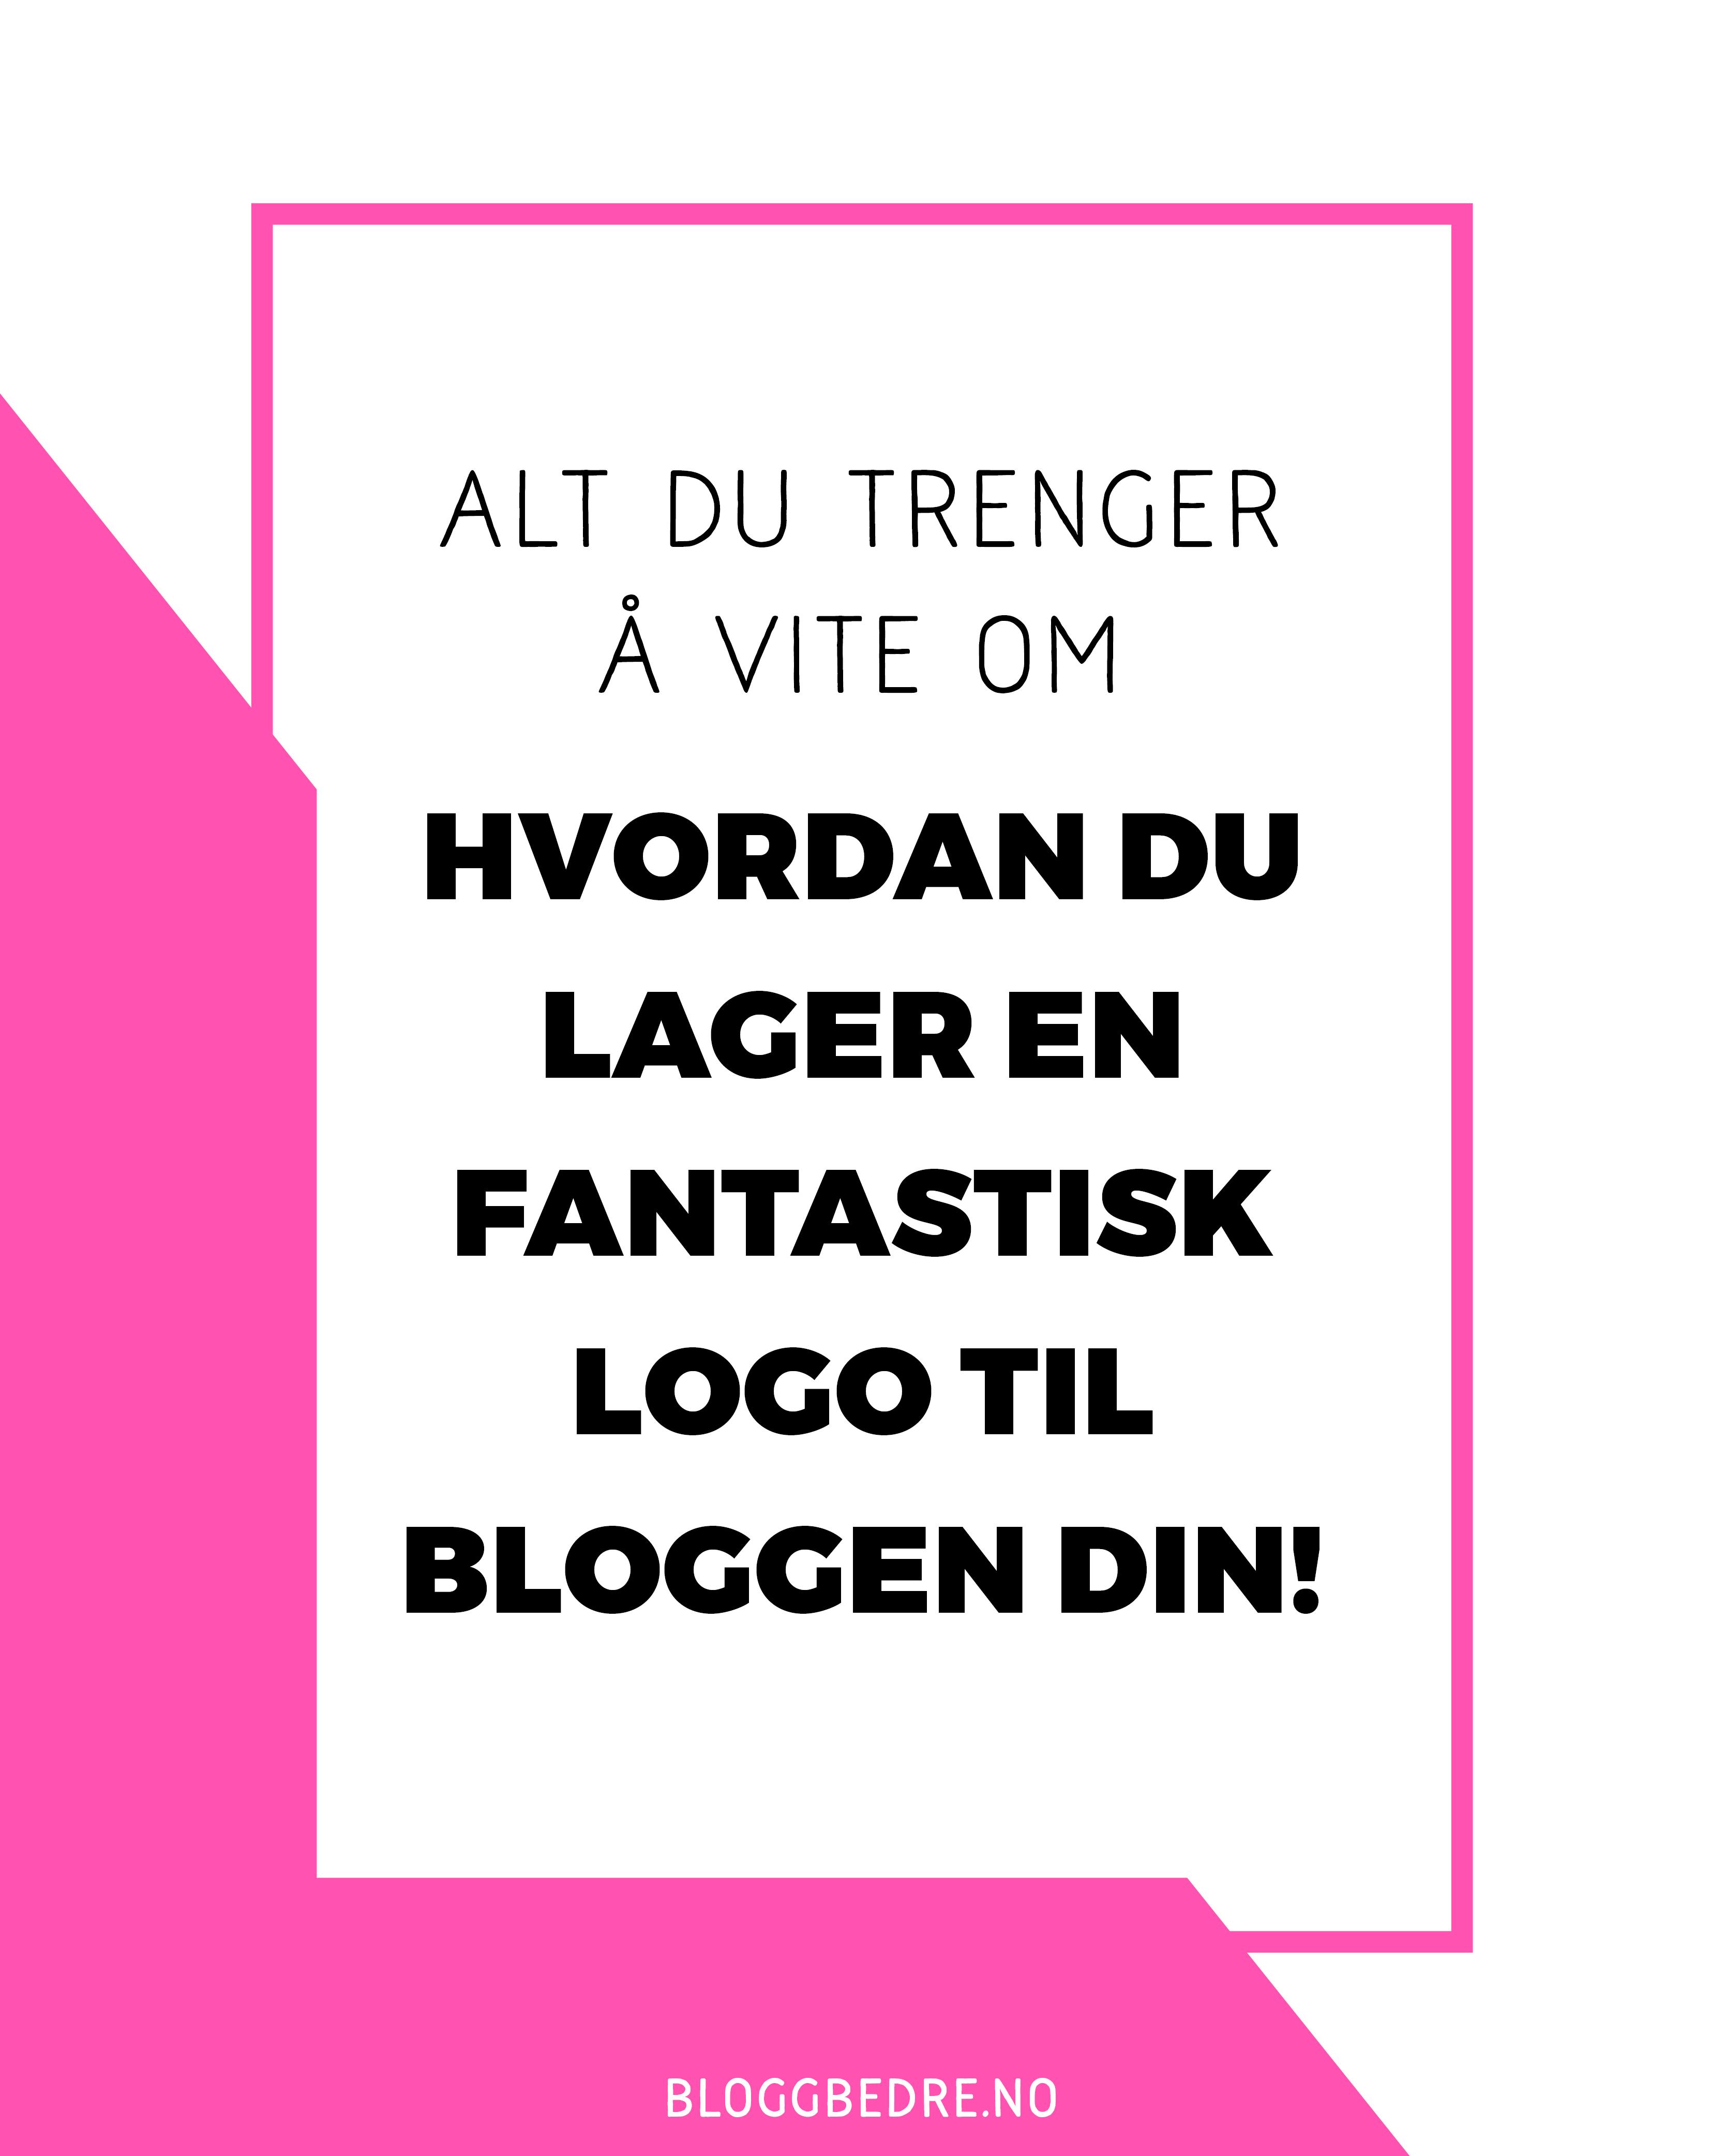 Hvordan får du en god logo, som passer perfekt? Det finnes mange alternativer, her viser jeg deg hvordan du lager en fantastisk logo til bloggen din!